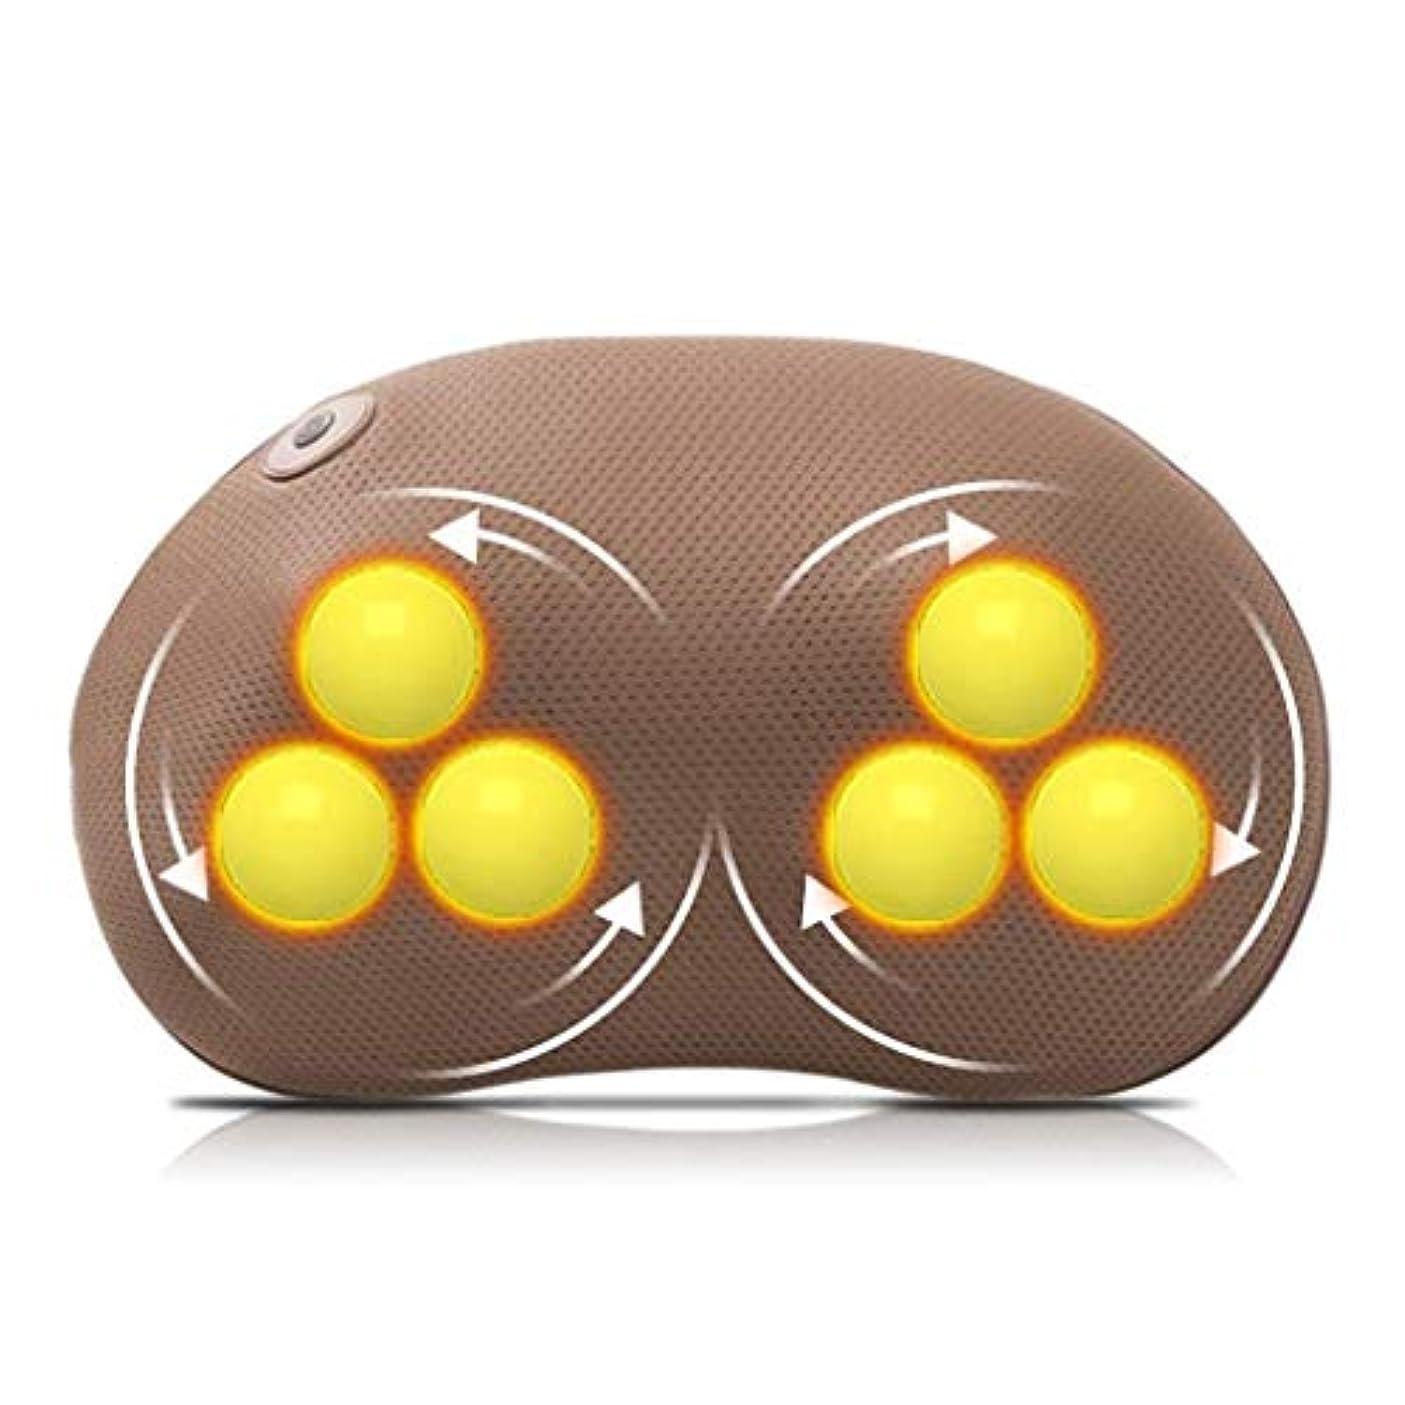 出来事シャックル振り子ネックマッサージャー、フィンガープレスネックとバックマッサージピロー、加熱/振動/調整可能な速度/ポータブルKみマッサージ、ストレス緩和/痛み